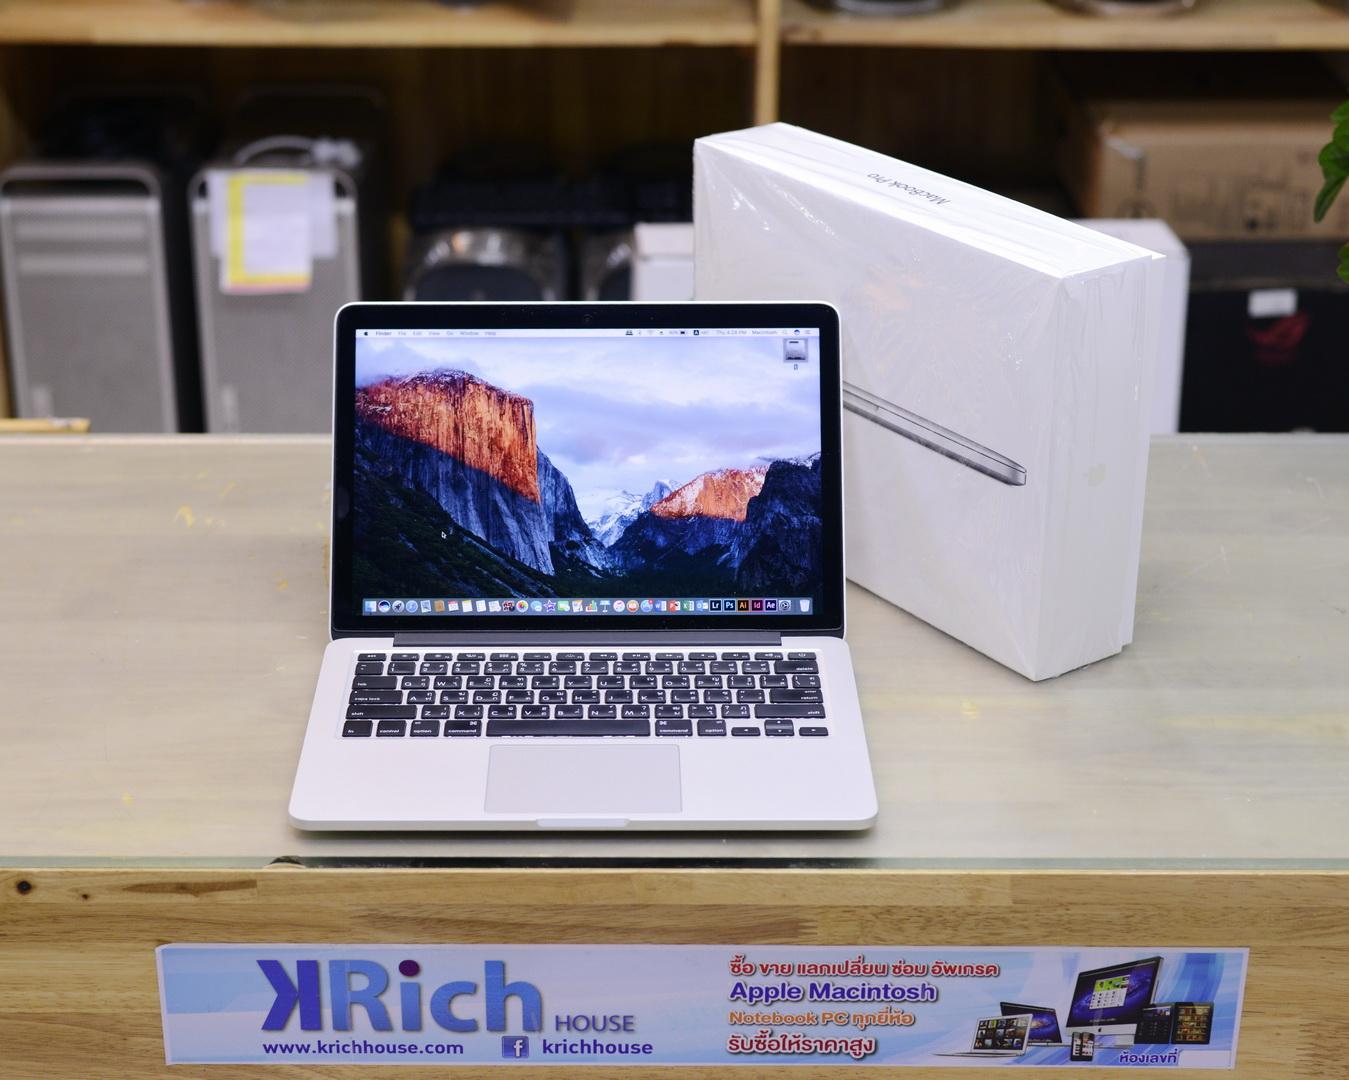 MacBook Pro (Retina 13-inch Mid 2014) Core i5 2.6GHz RAM 8GB SSD 128GB - Fullbox